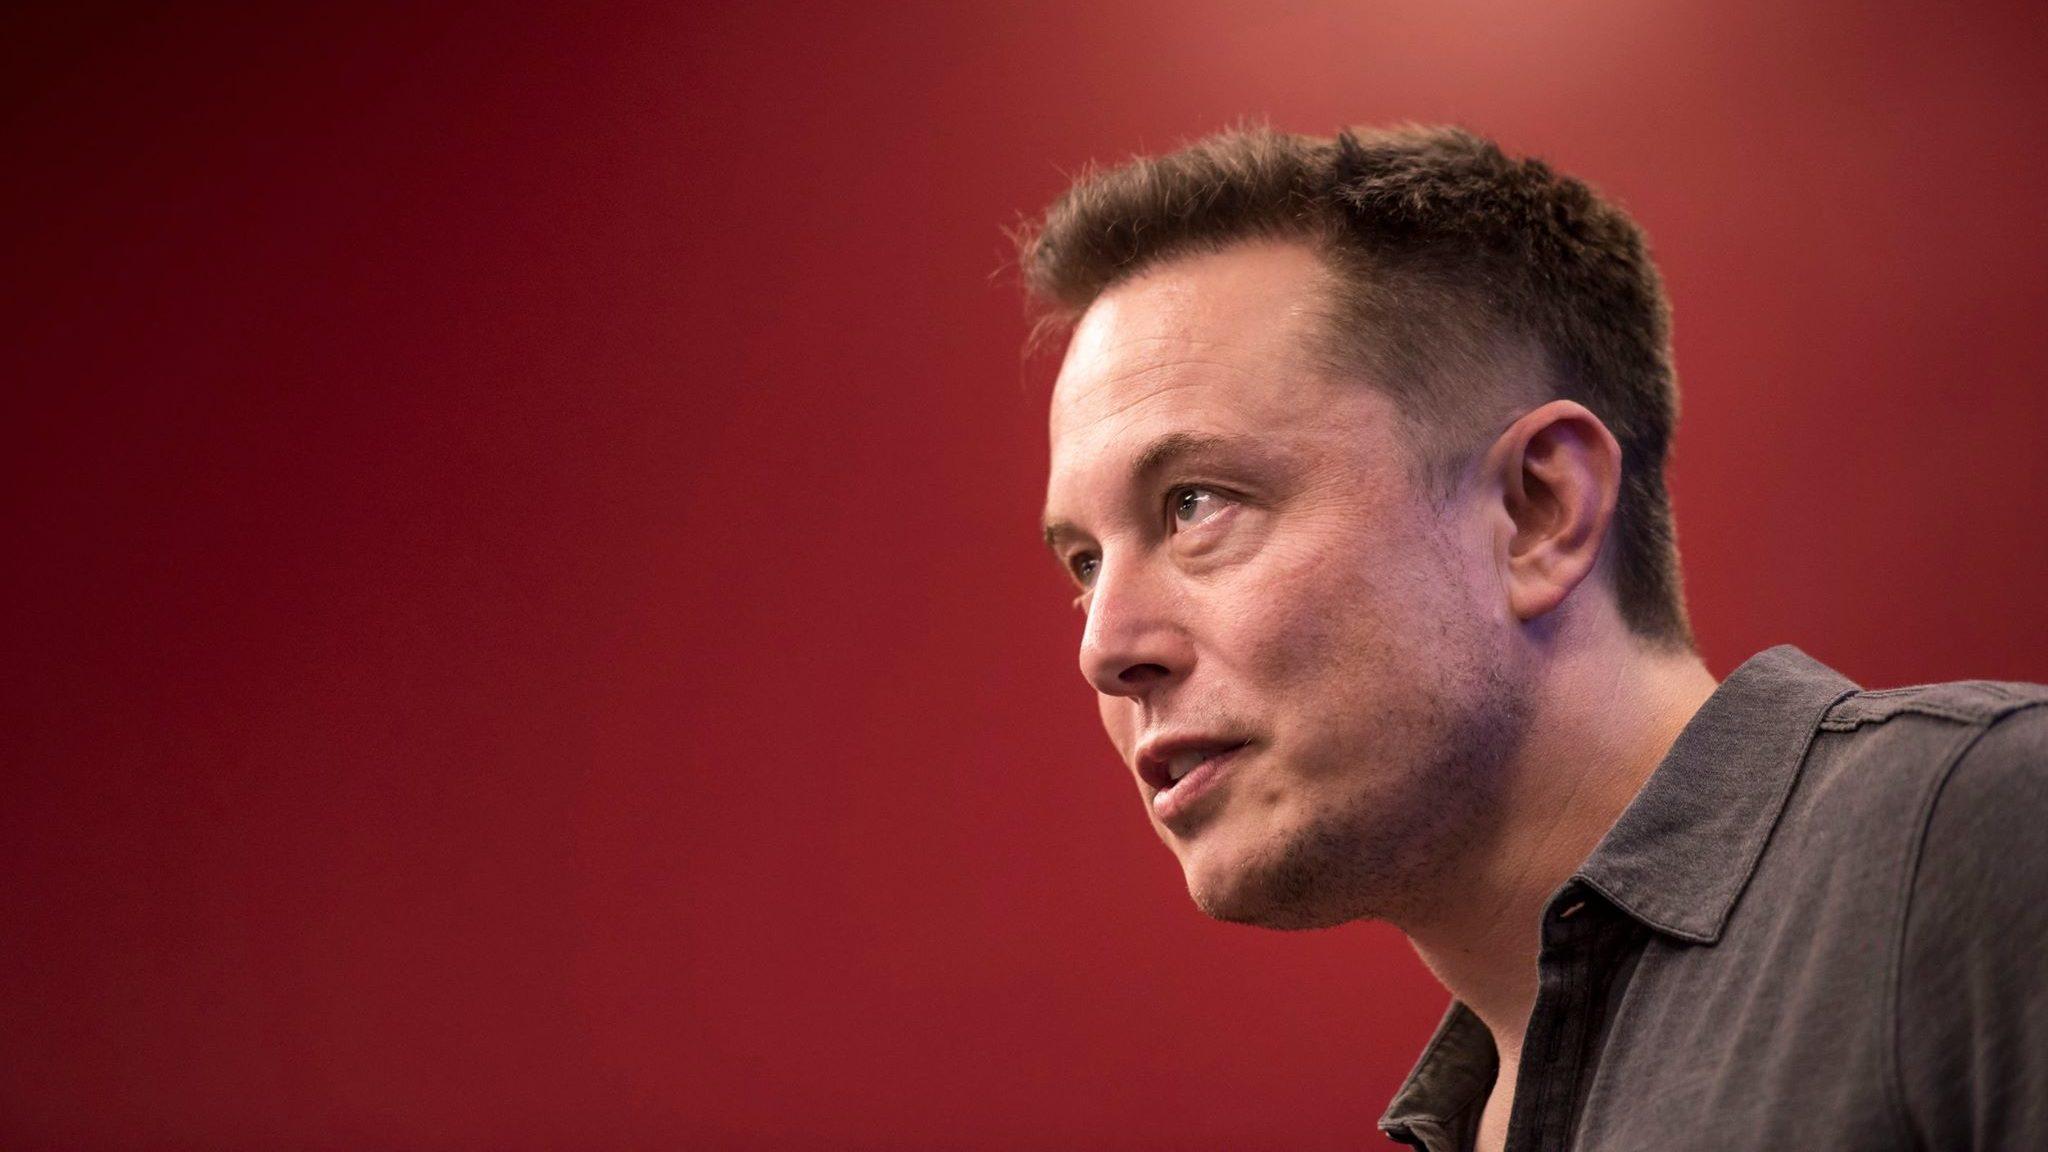 Musk aderiu ao #deletefacebook. Tesla e SpaceX desaparecem da rede social